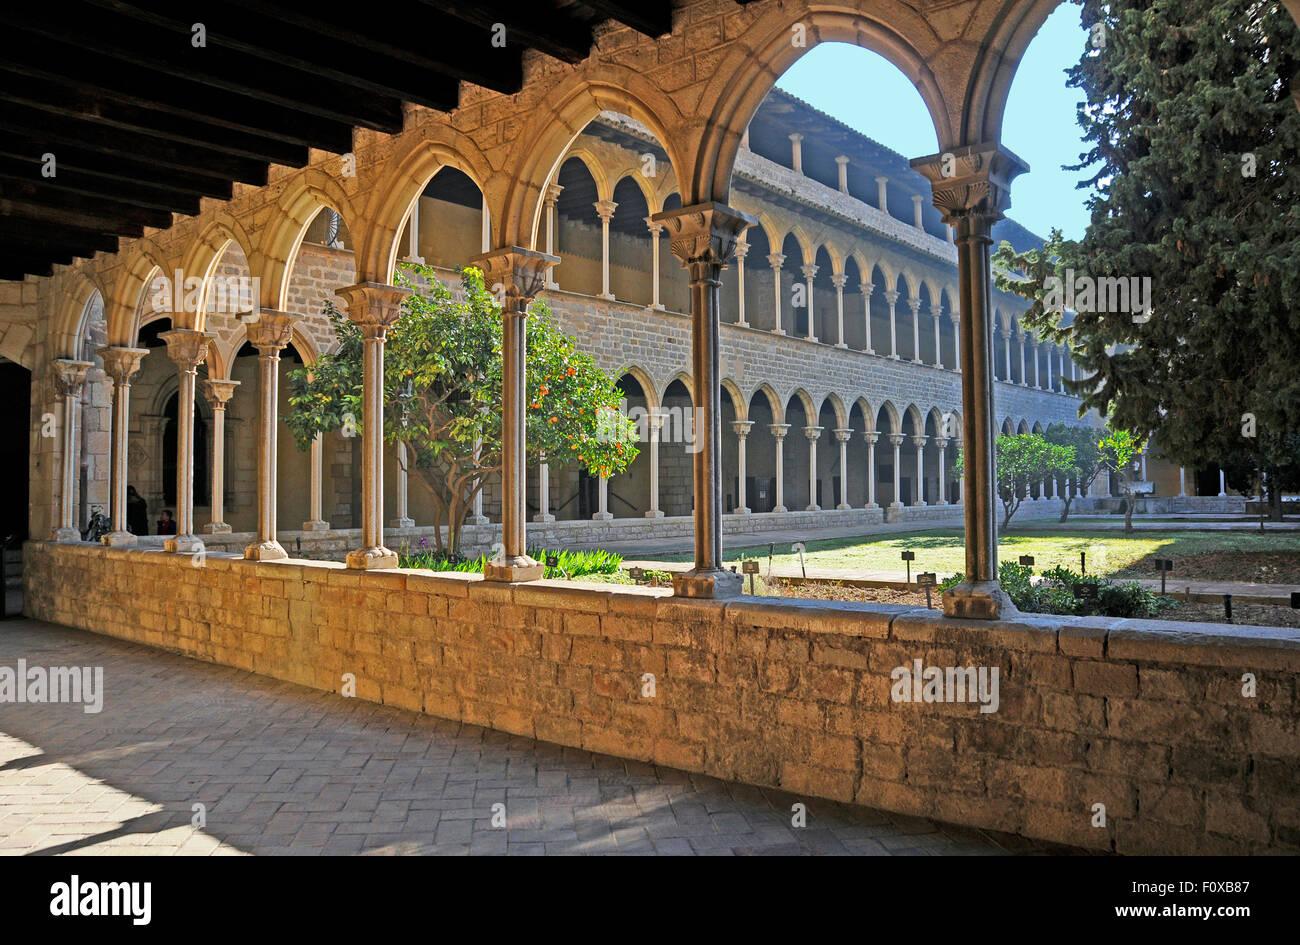 Garten im Innenhof am Kloster von Pedralbes in Barcelona, Spanien Stockbild